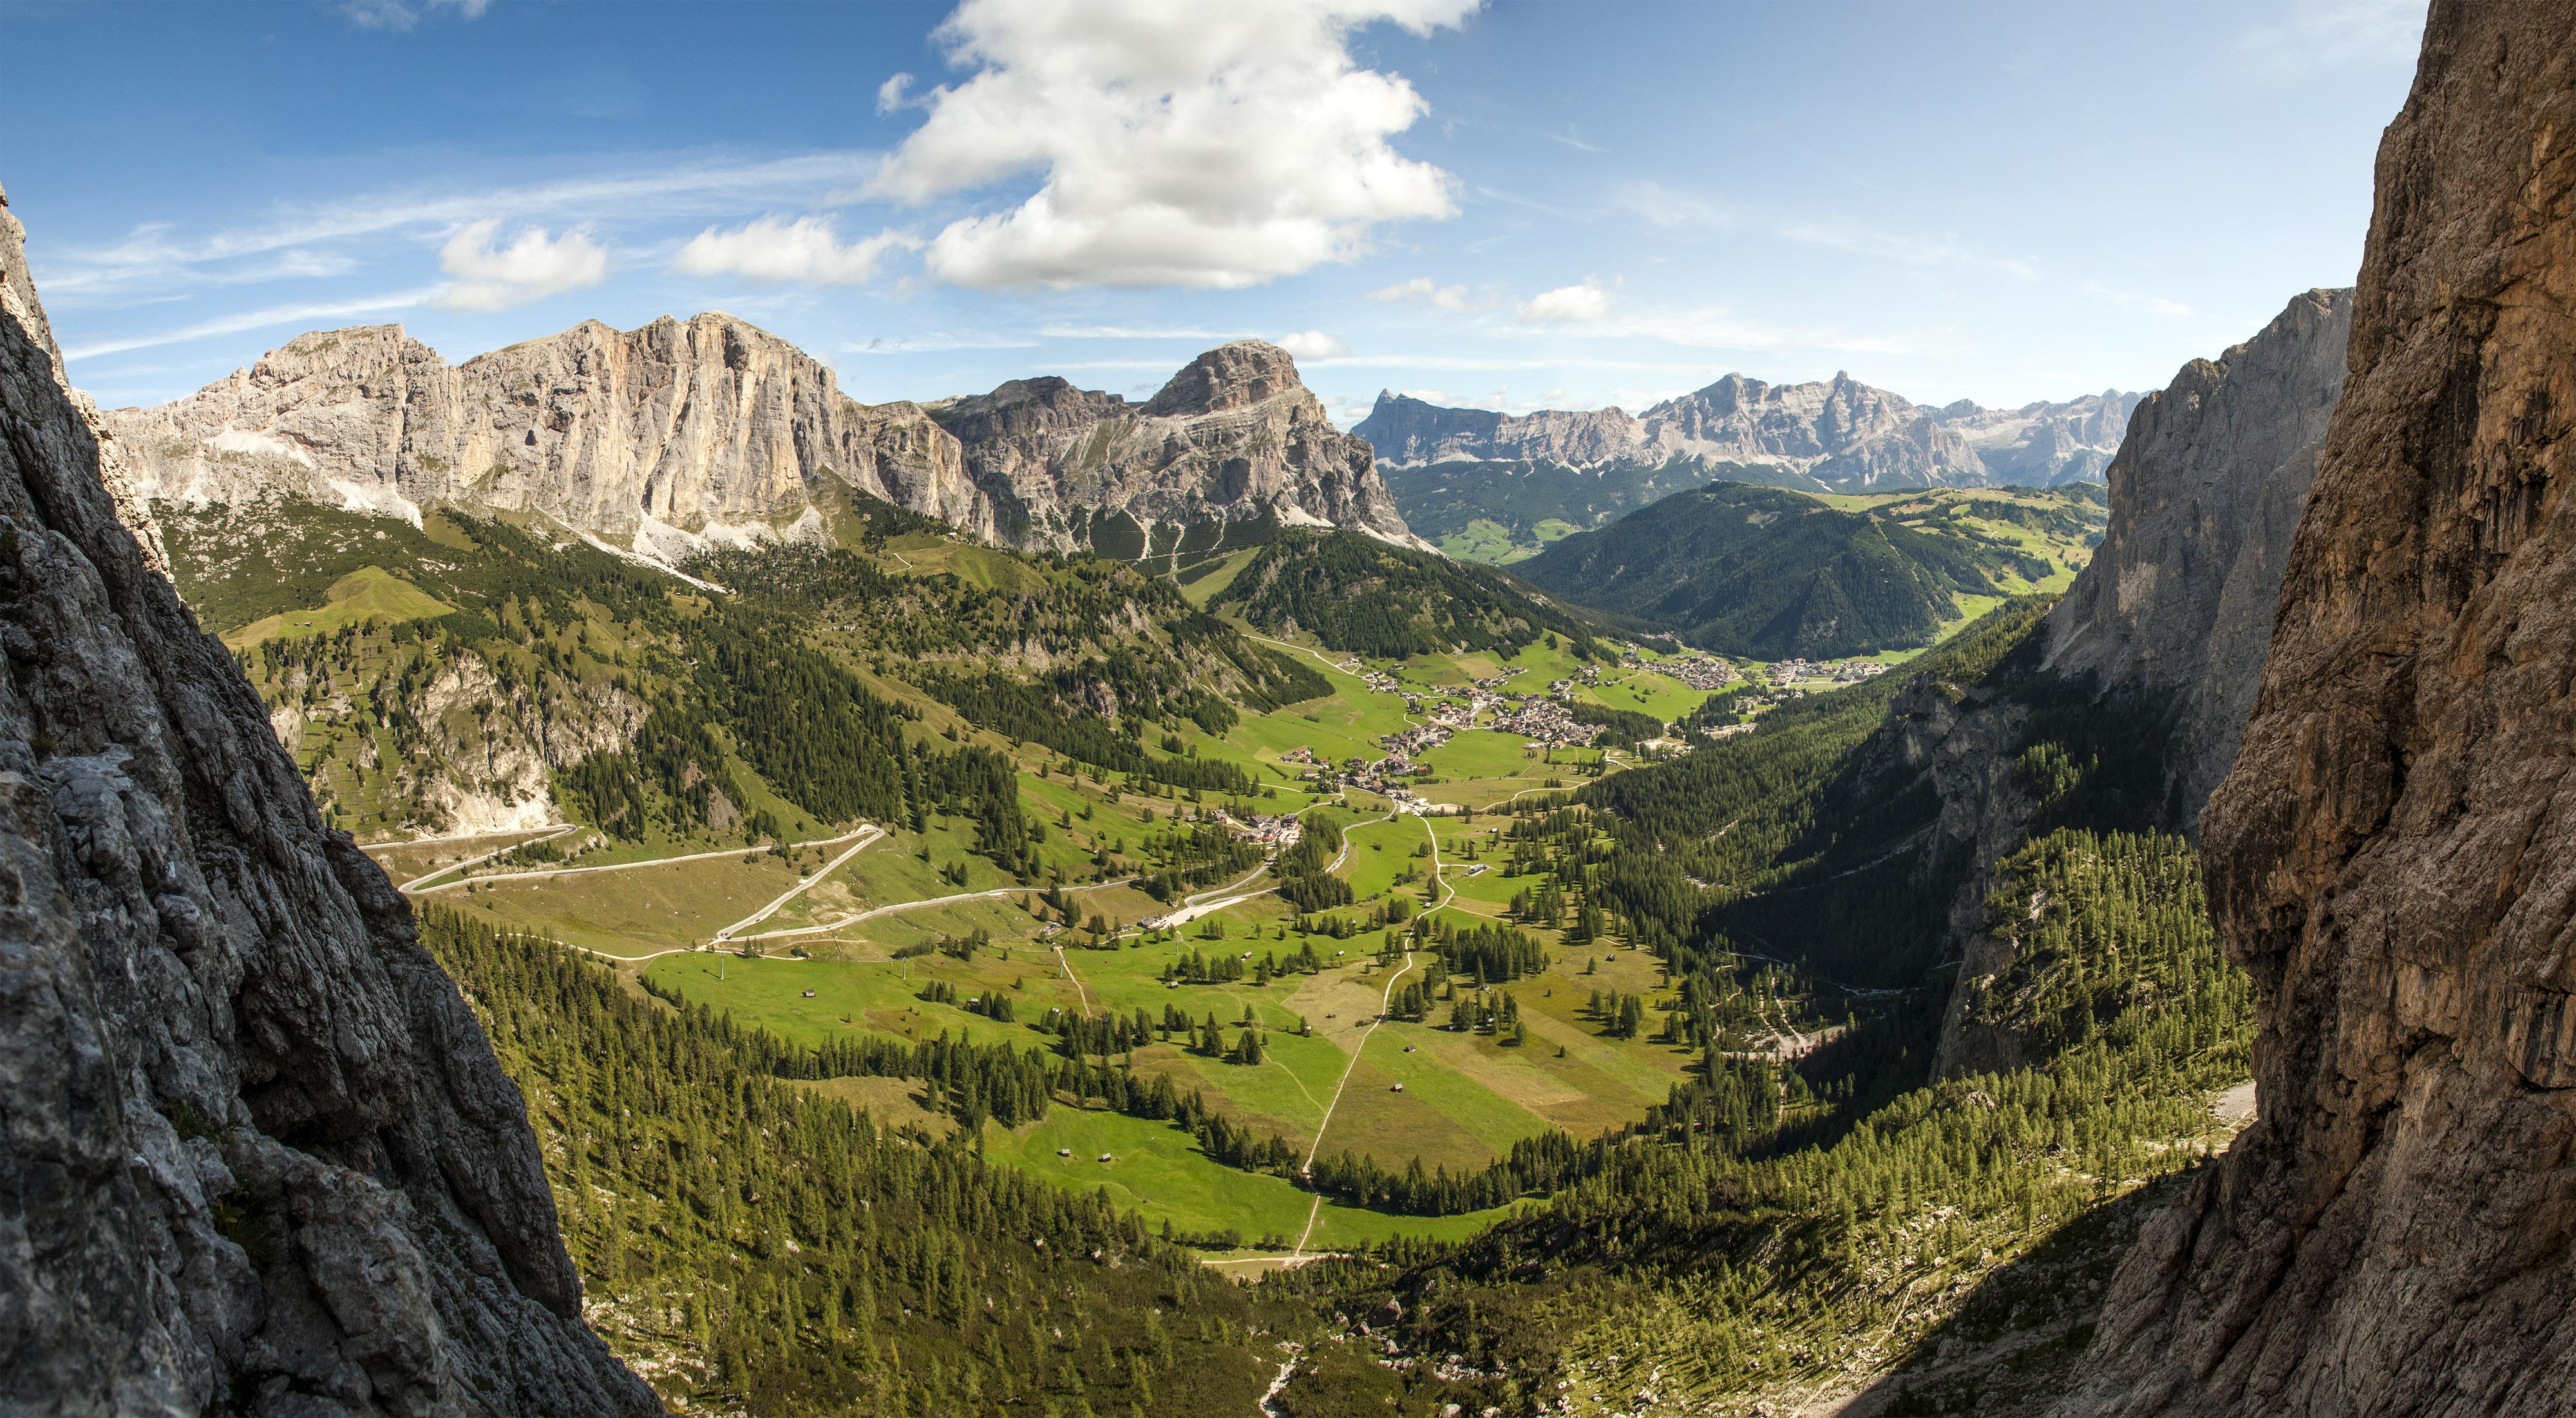 Klettersteig Pisciadu : Pisciadù klettersteig wgm picture